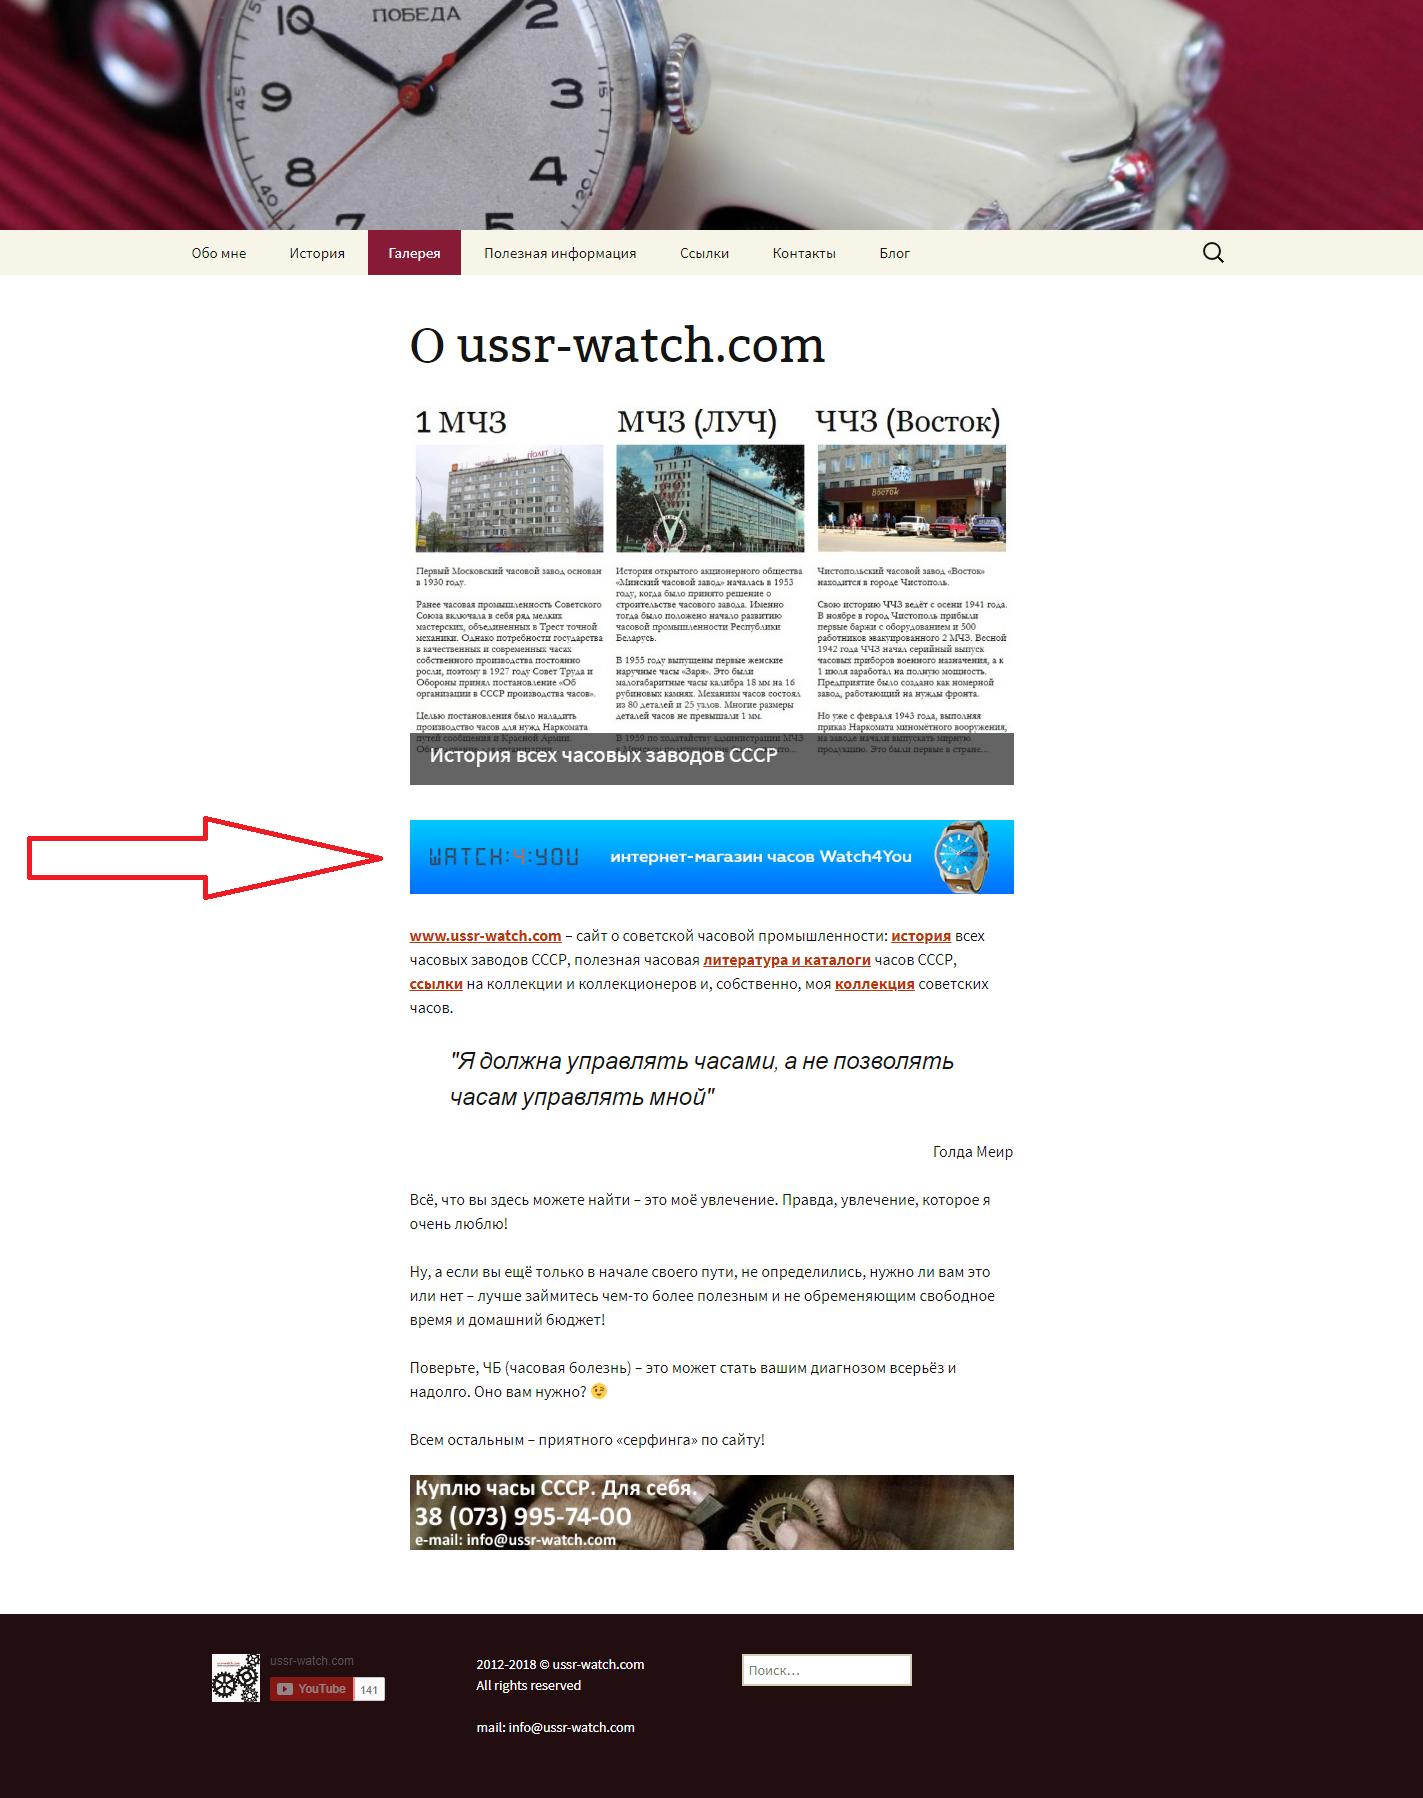 http://ussr-watch.com